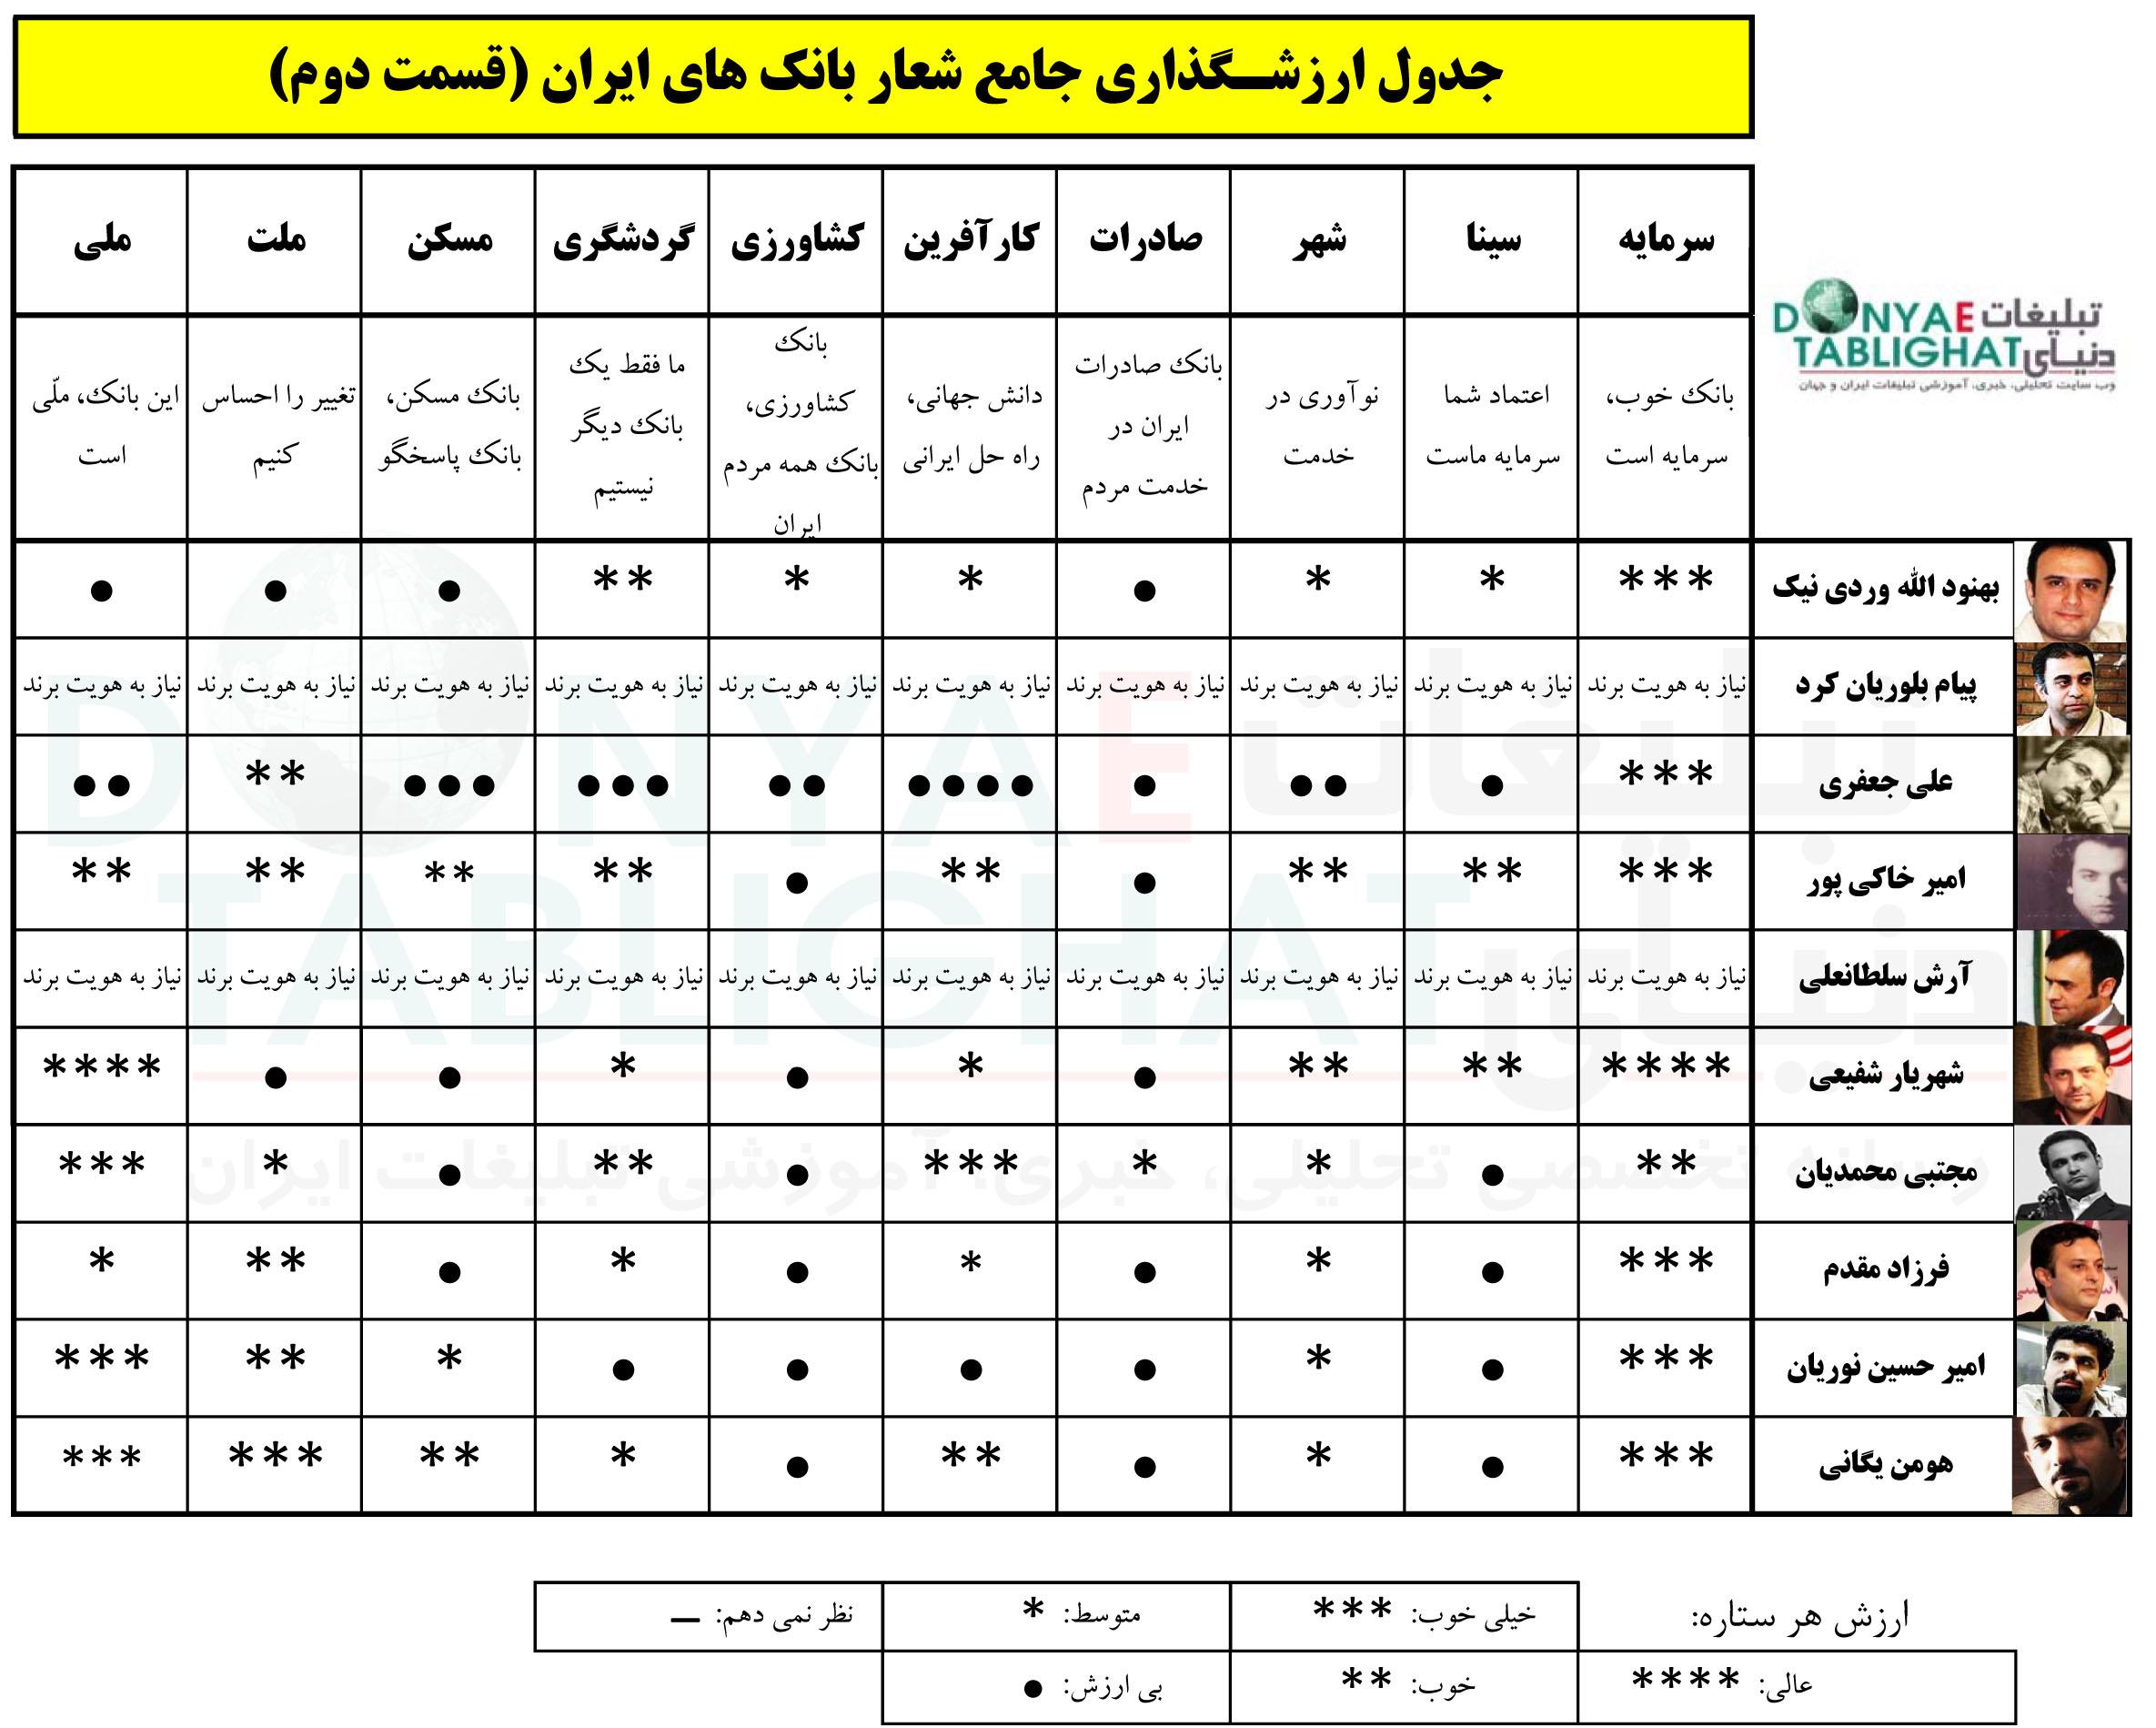 دنیای تبلیغات - ارزشگذاری بانک های ایرانی